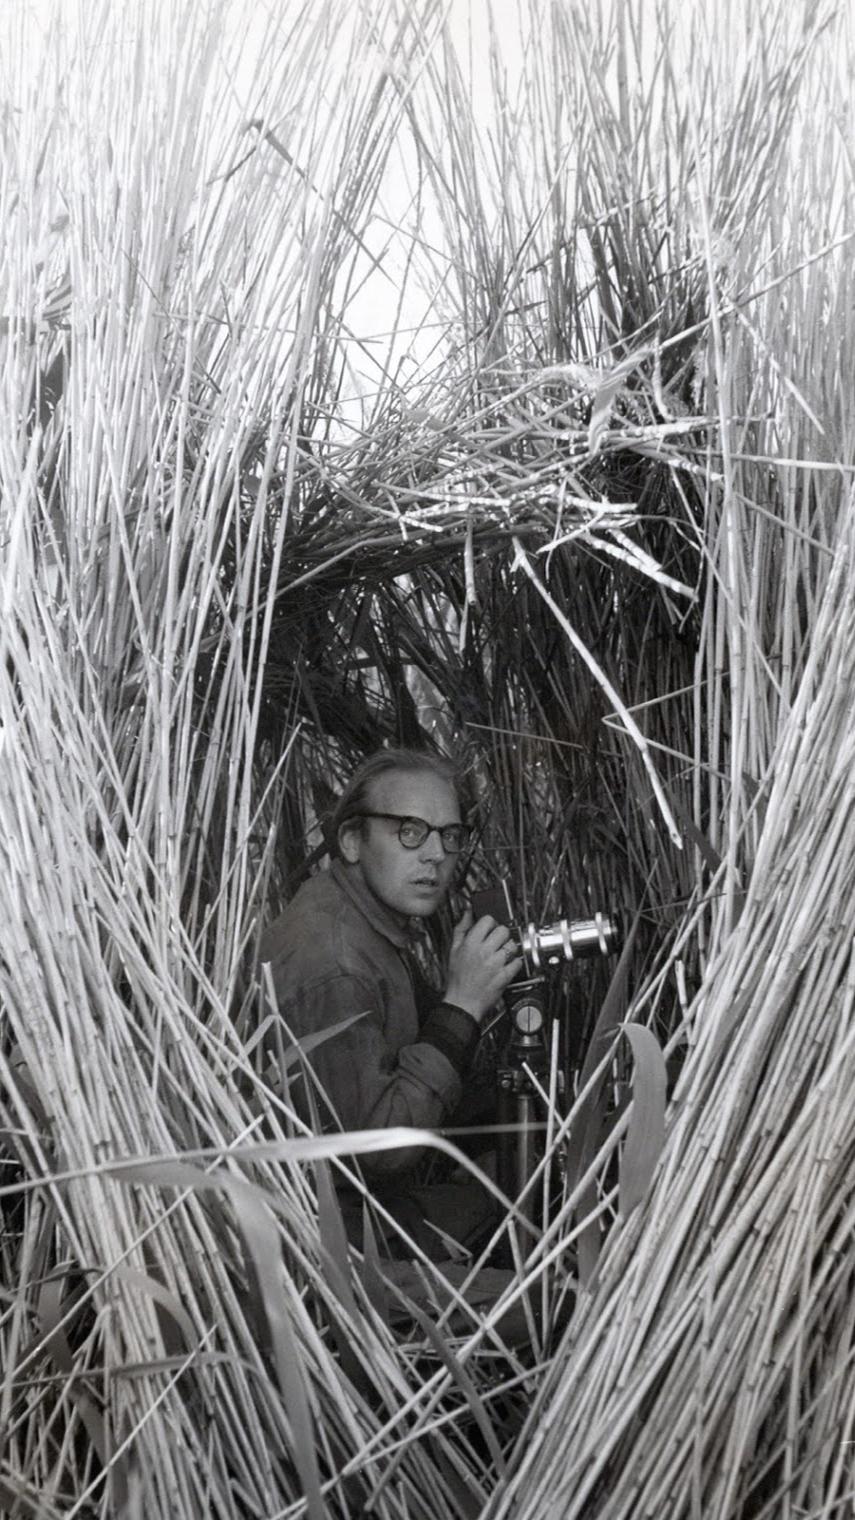 Sven med kameran i högt gräs.